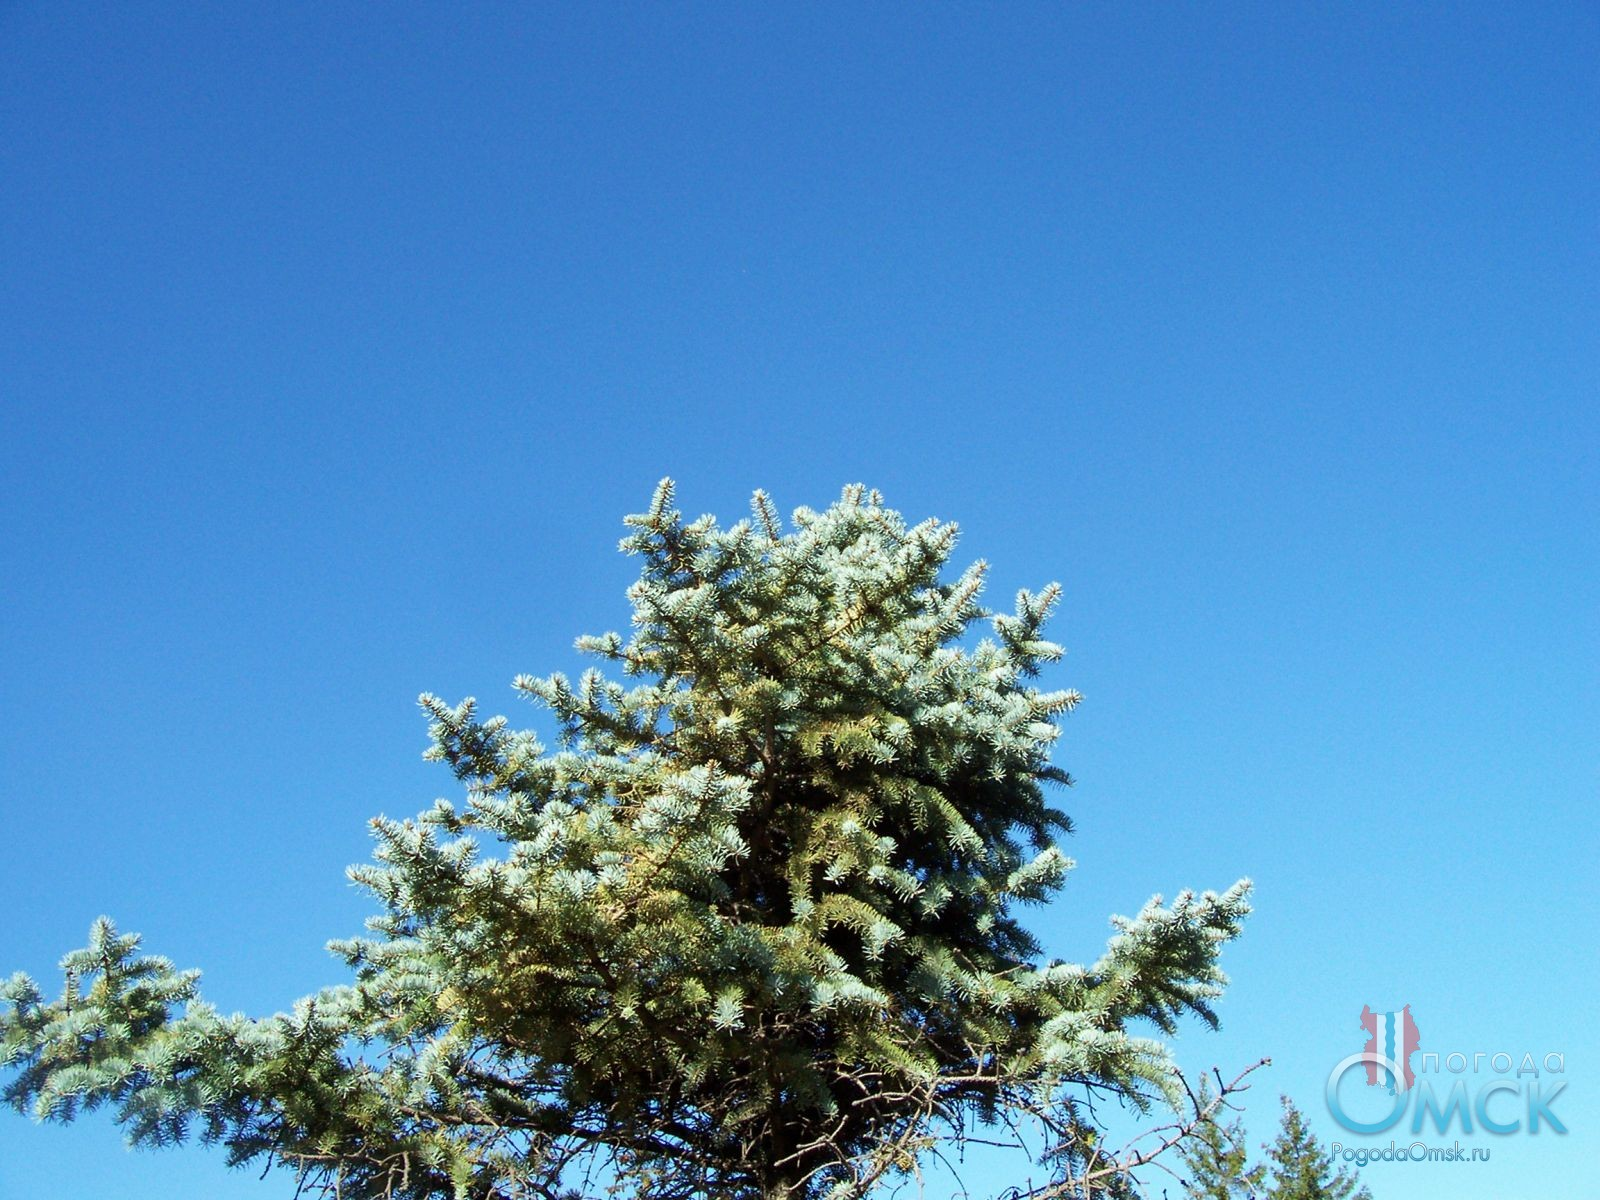 Верхушка голубой ели